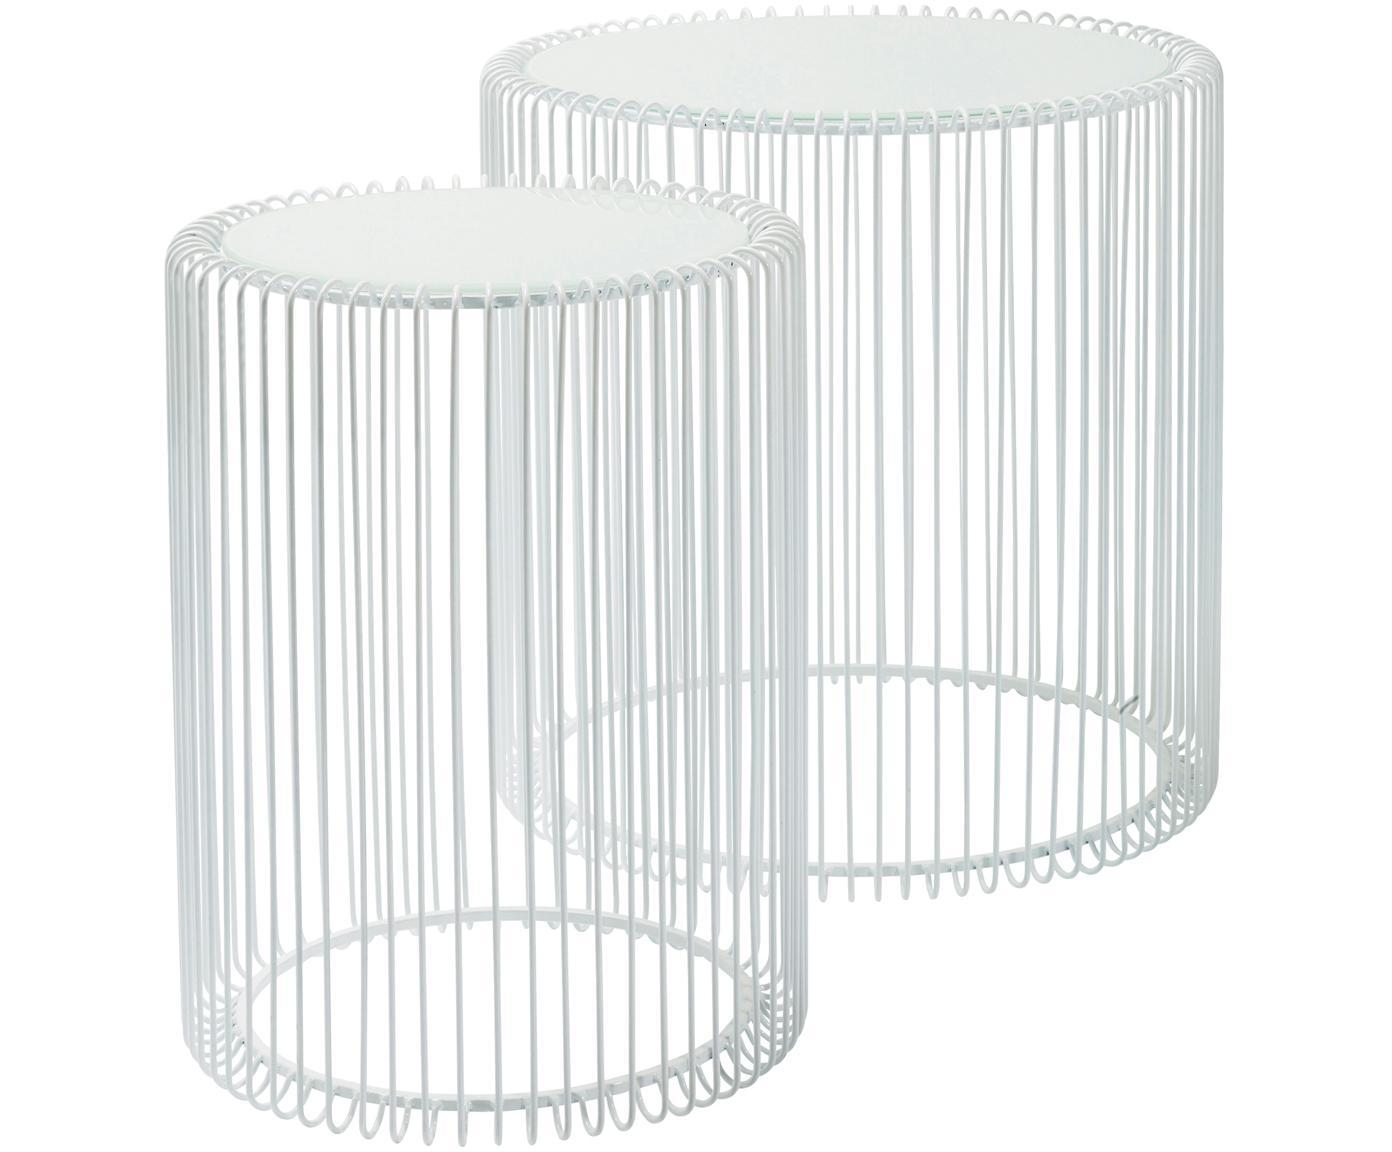 Komplet stolików pomocniczych z metalu ze szklanym blatem Wire, 2 elem., Stelaż: metal malowany proszkowo, Blat: szkło hartowane foliowane, Biały, Różne rozmiary